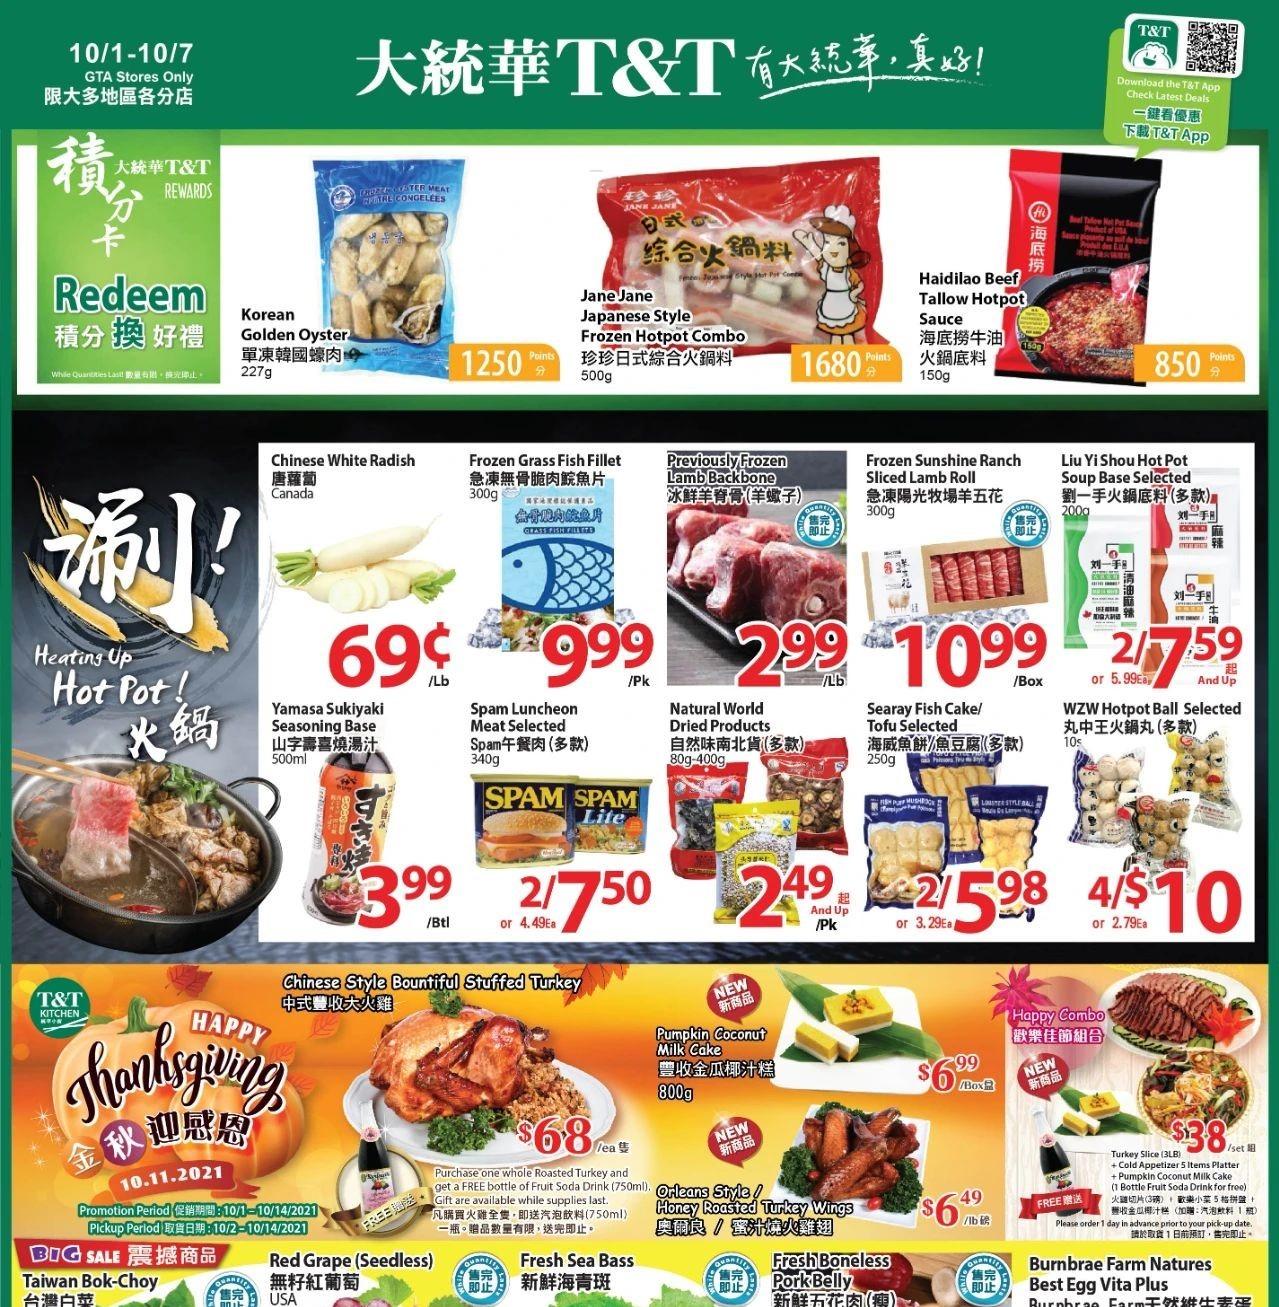 TNT Supermarket GTA Flyer   Oct 1